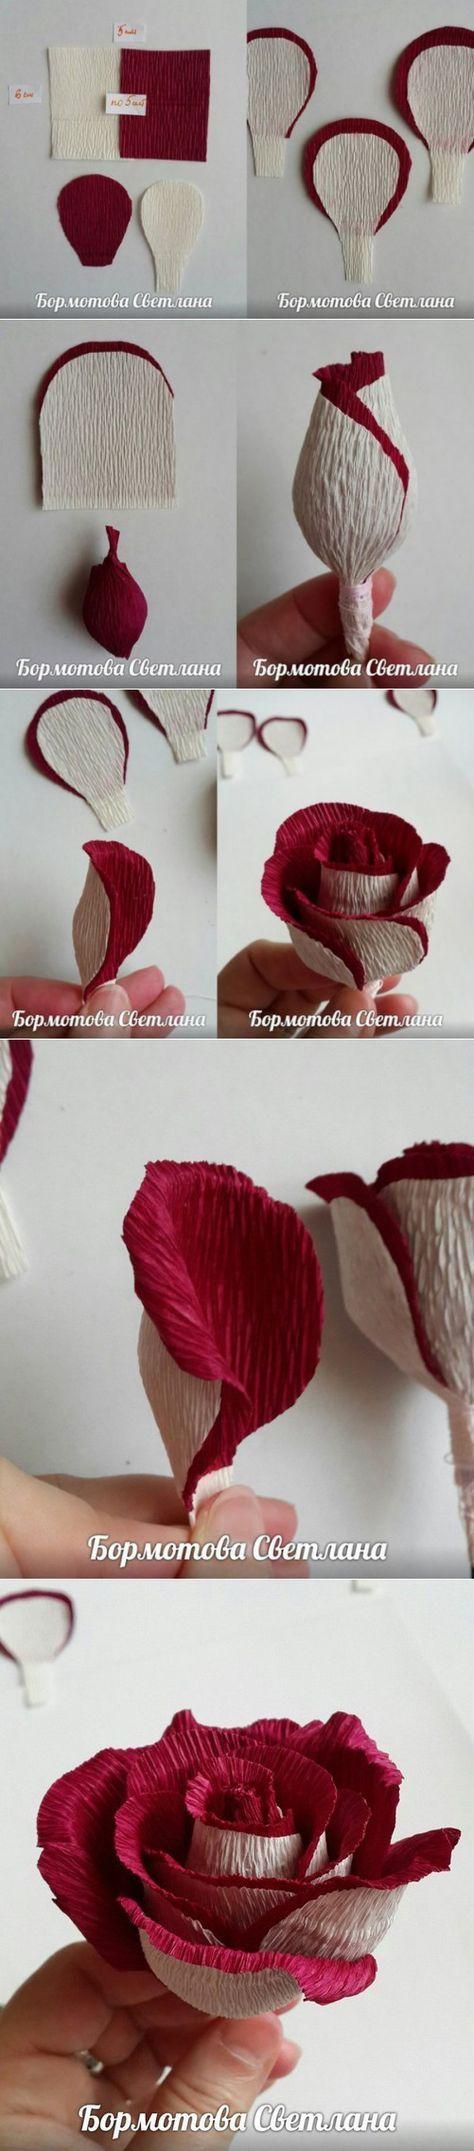 Poder nas mãos: Flor Linda!       postila.ru